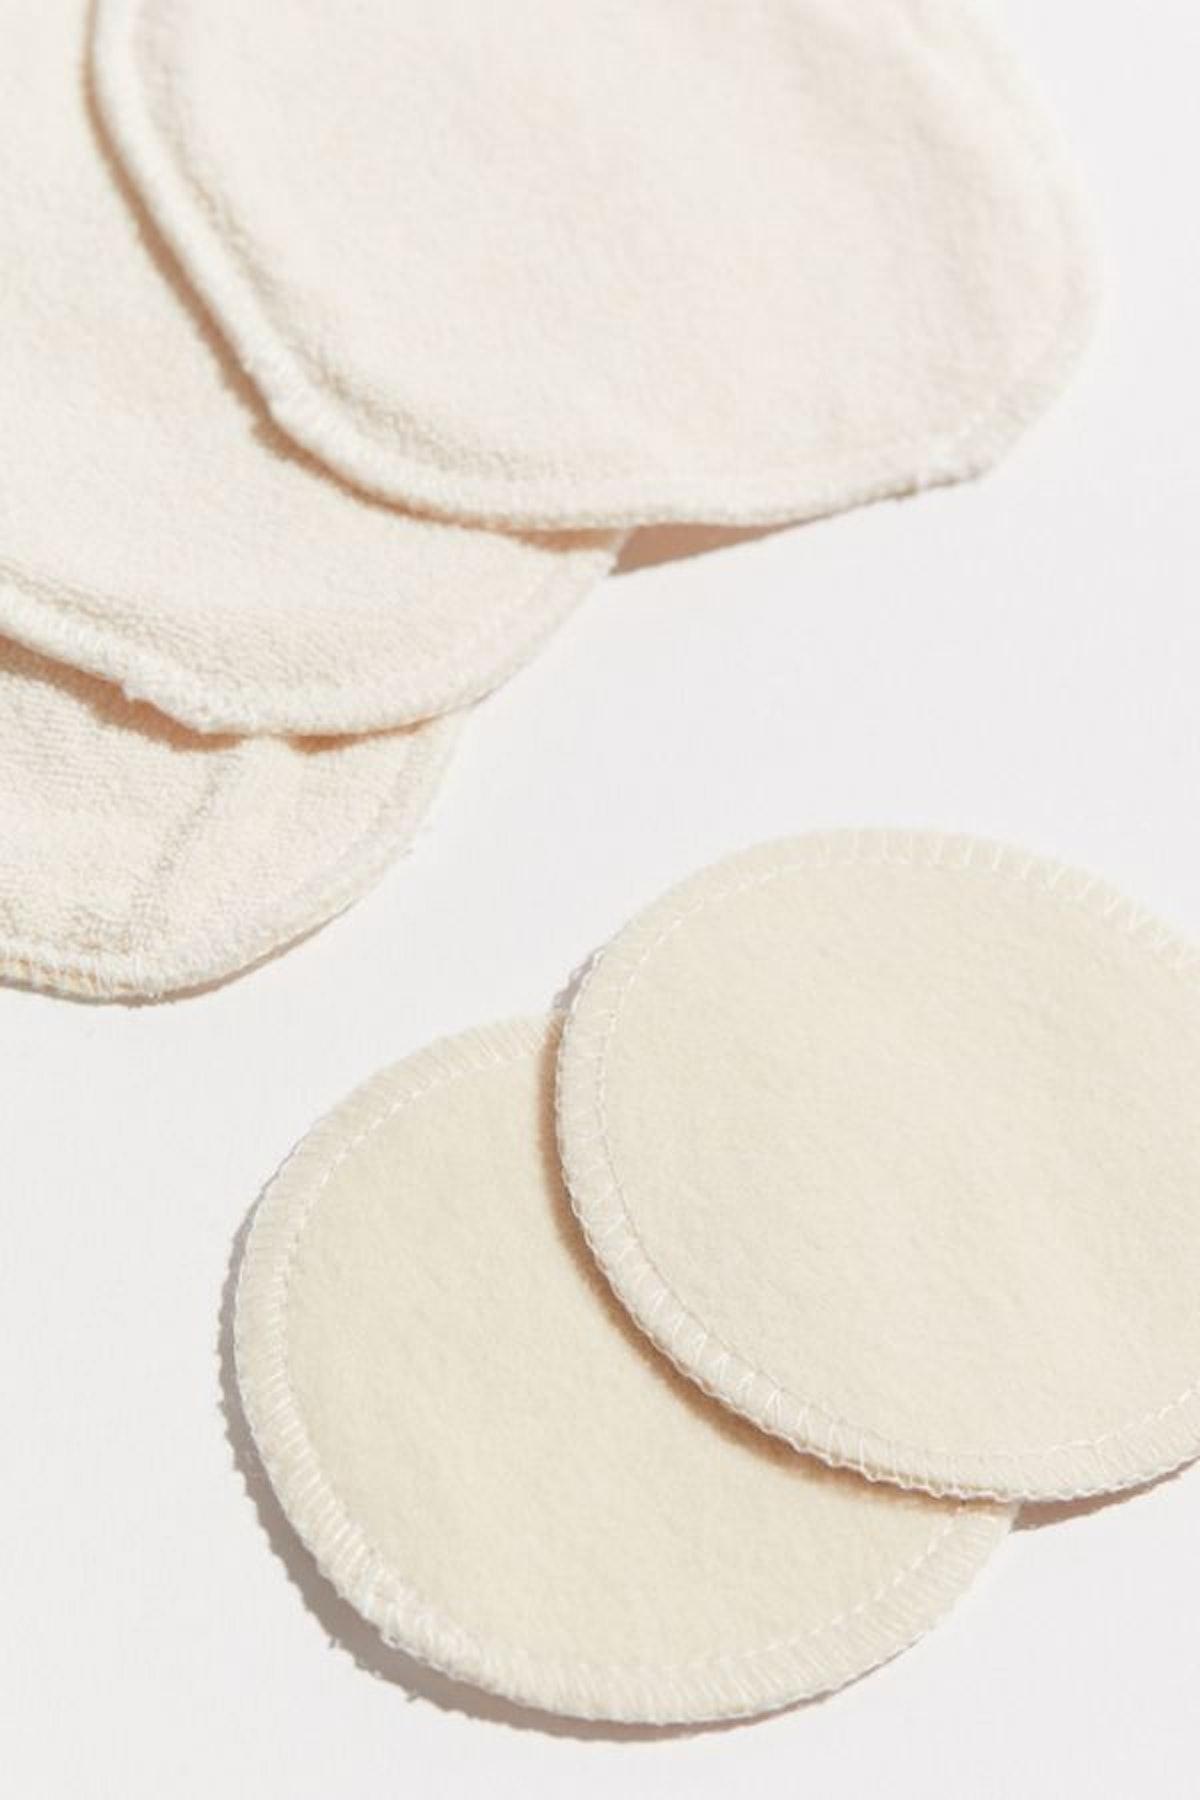 Eco-Friendly Reusable Cotton Rounds